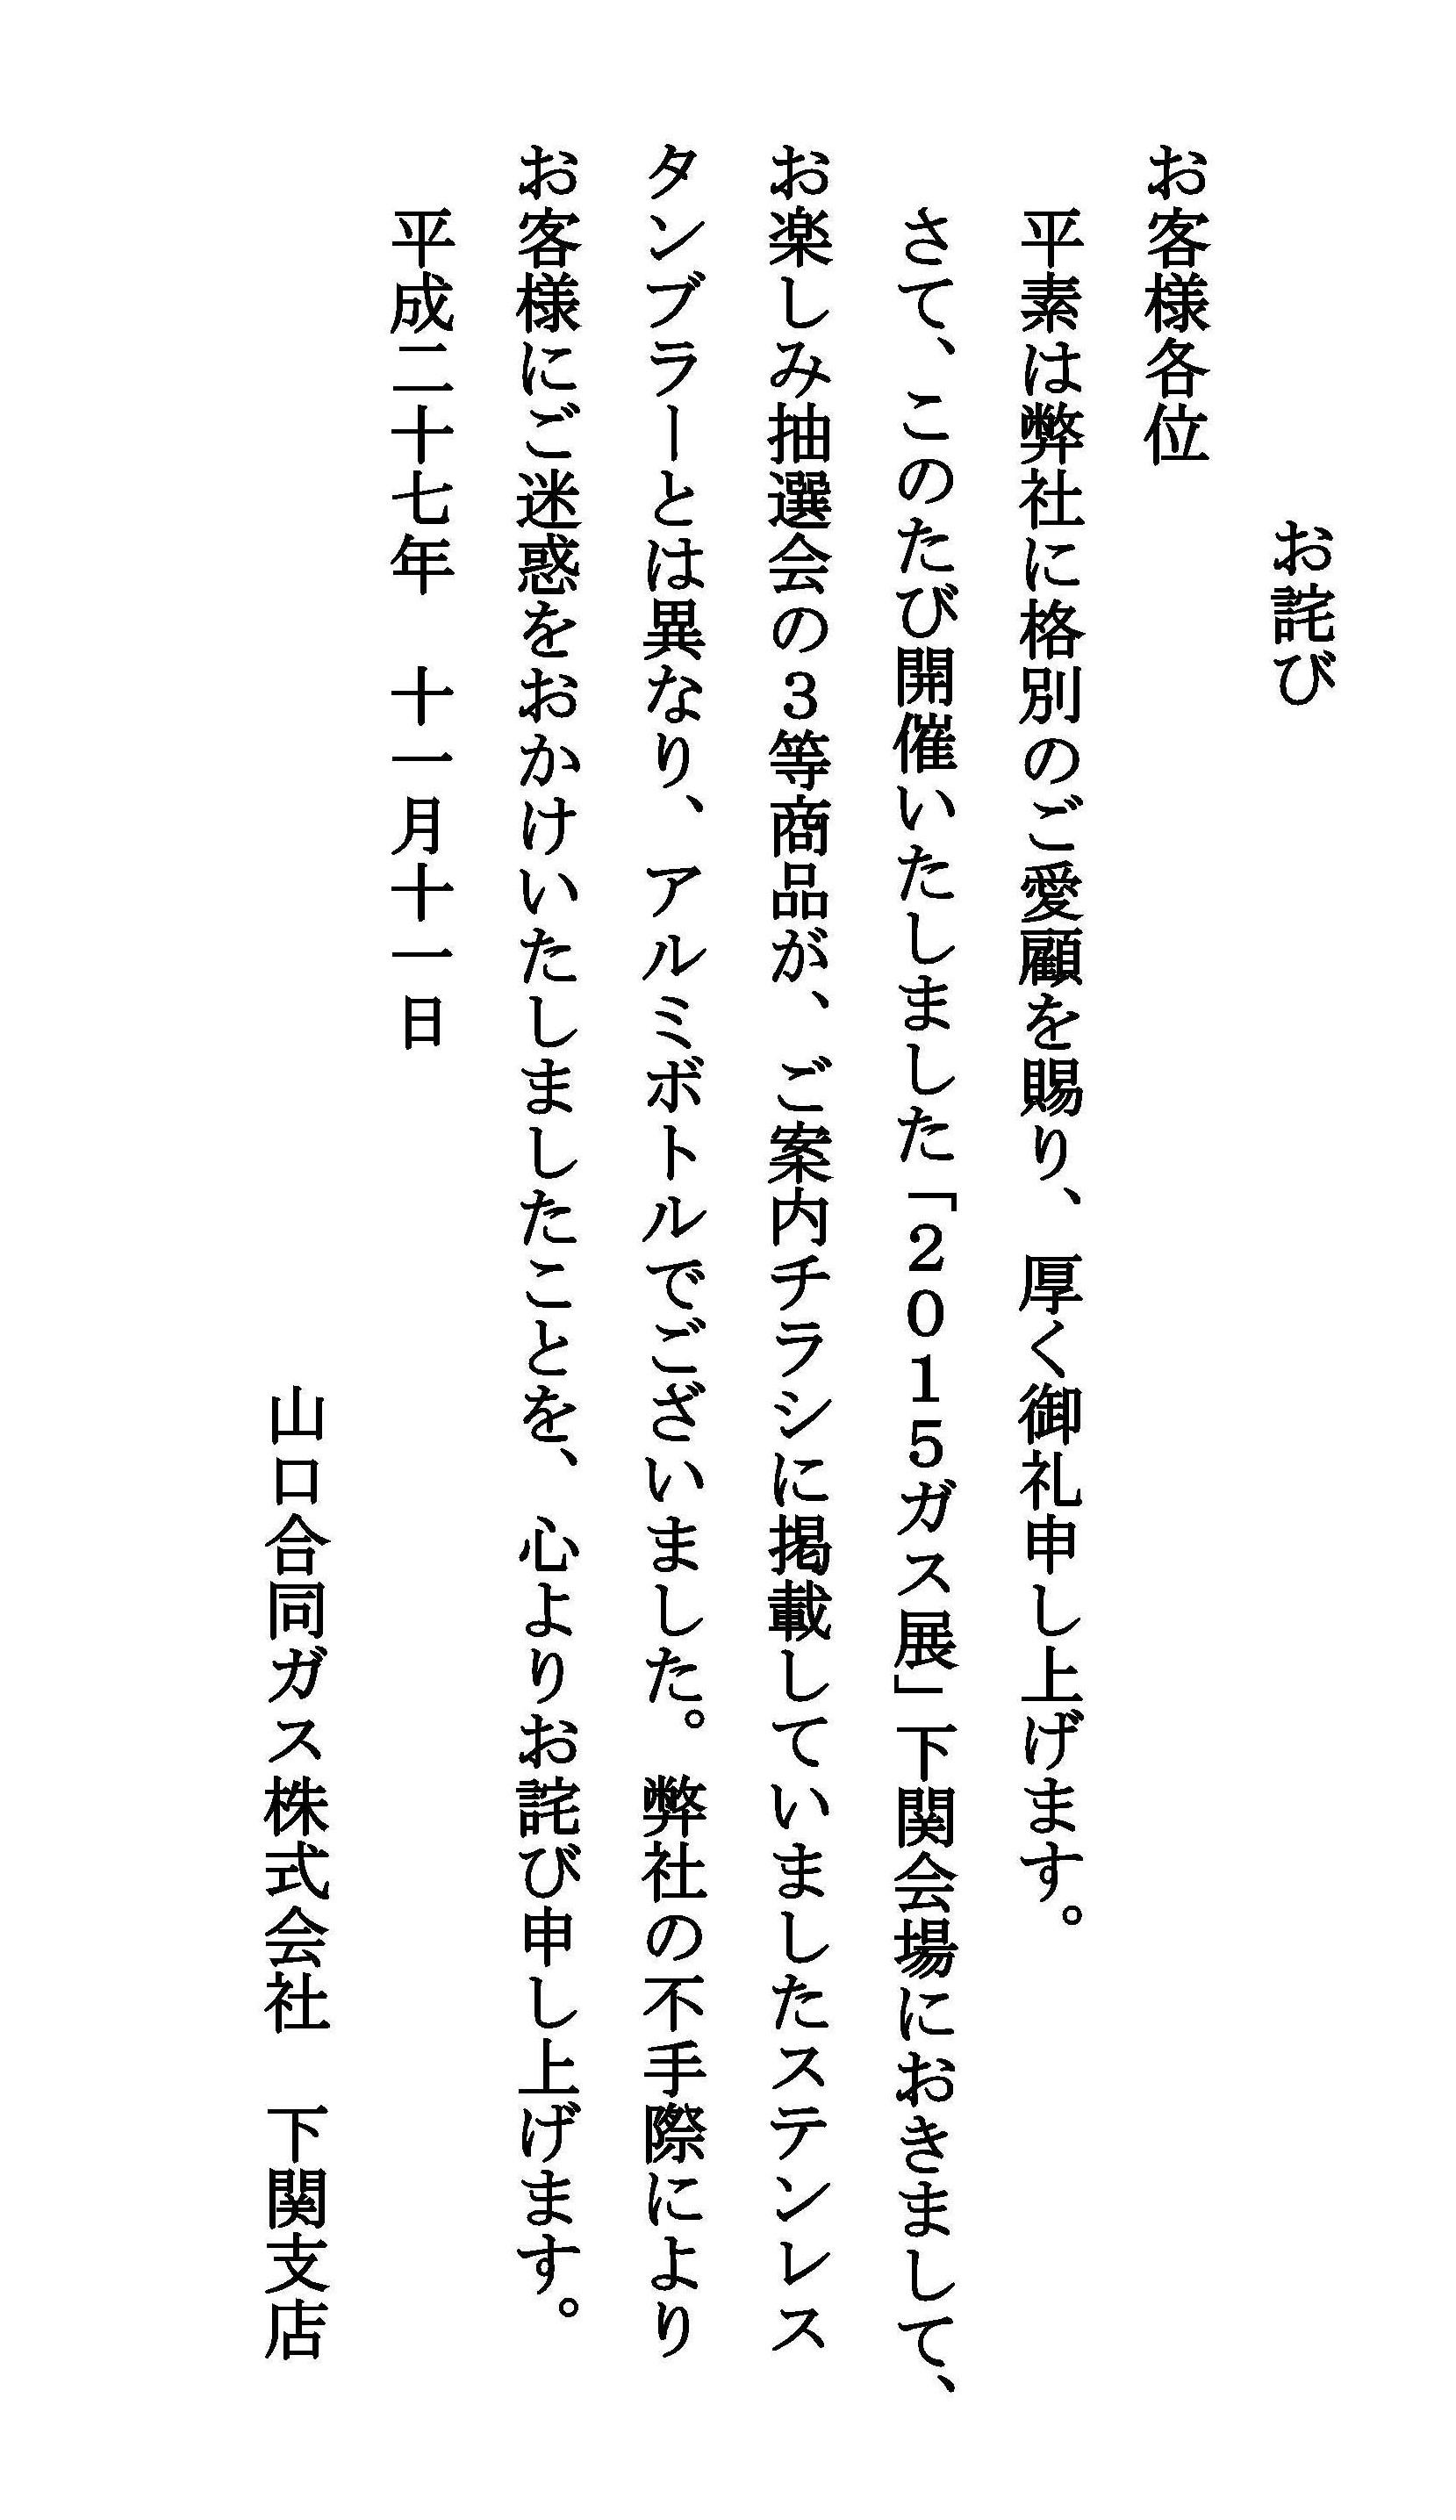 お詫び - コピー